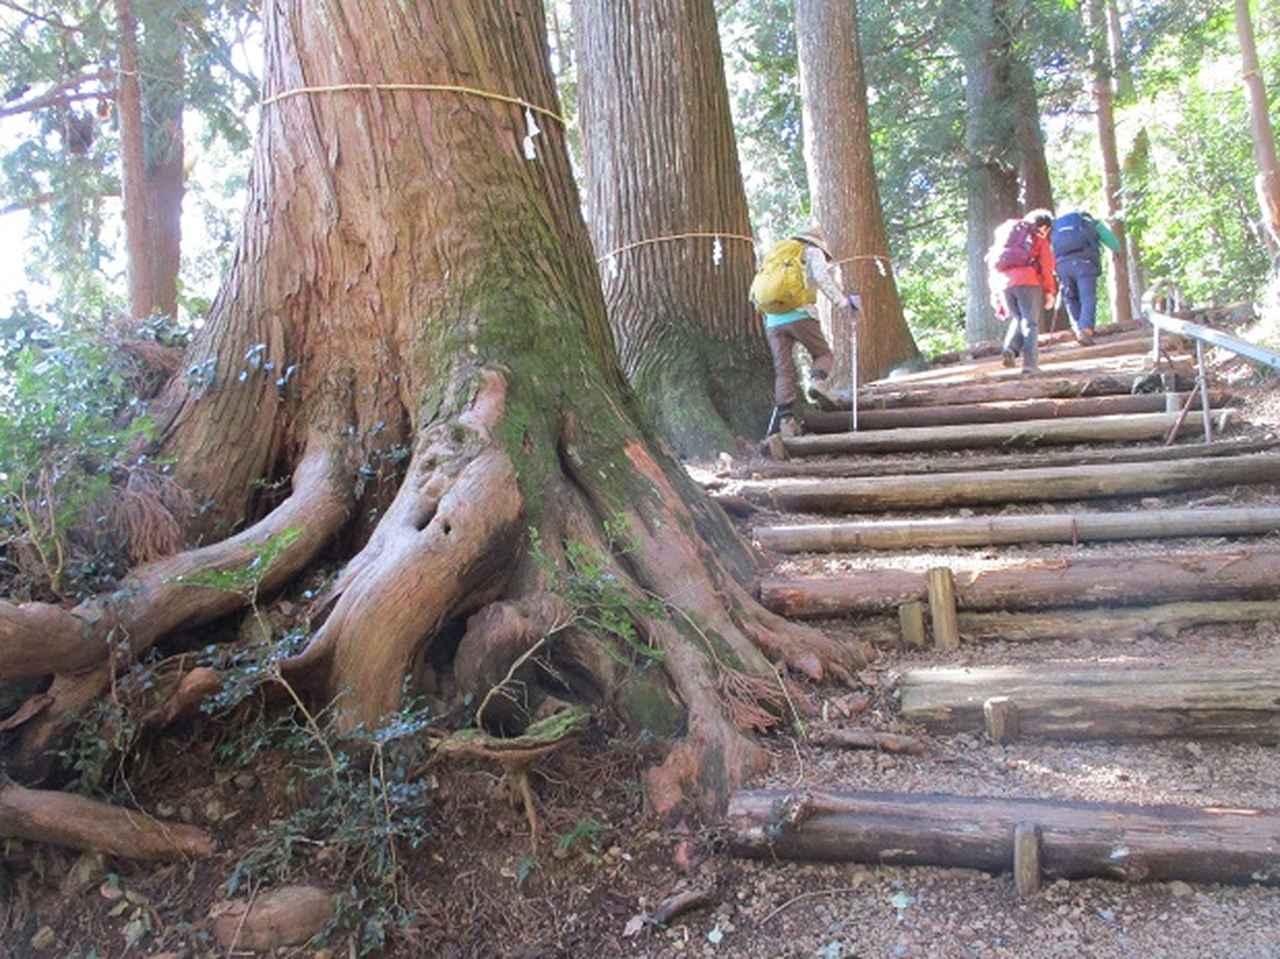 画像5: 2月1日に山旅会のツアーで 千葉山 にいってまいりました!